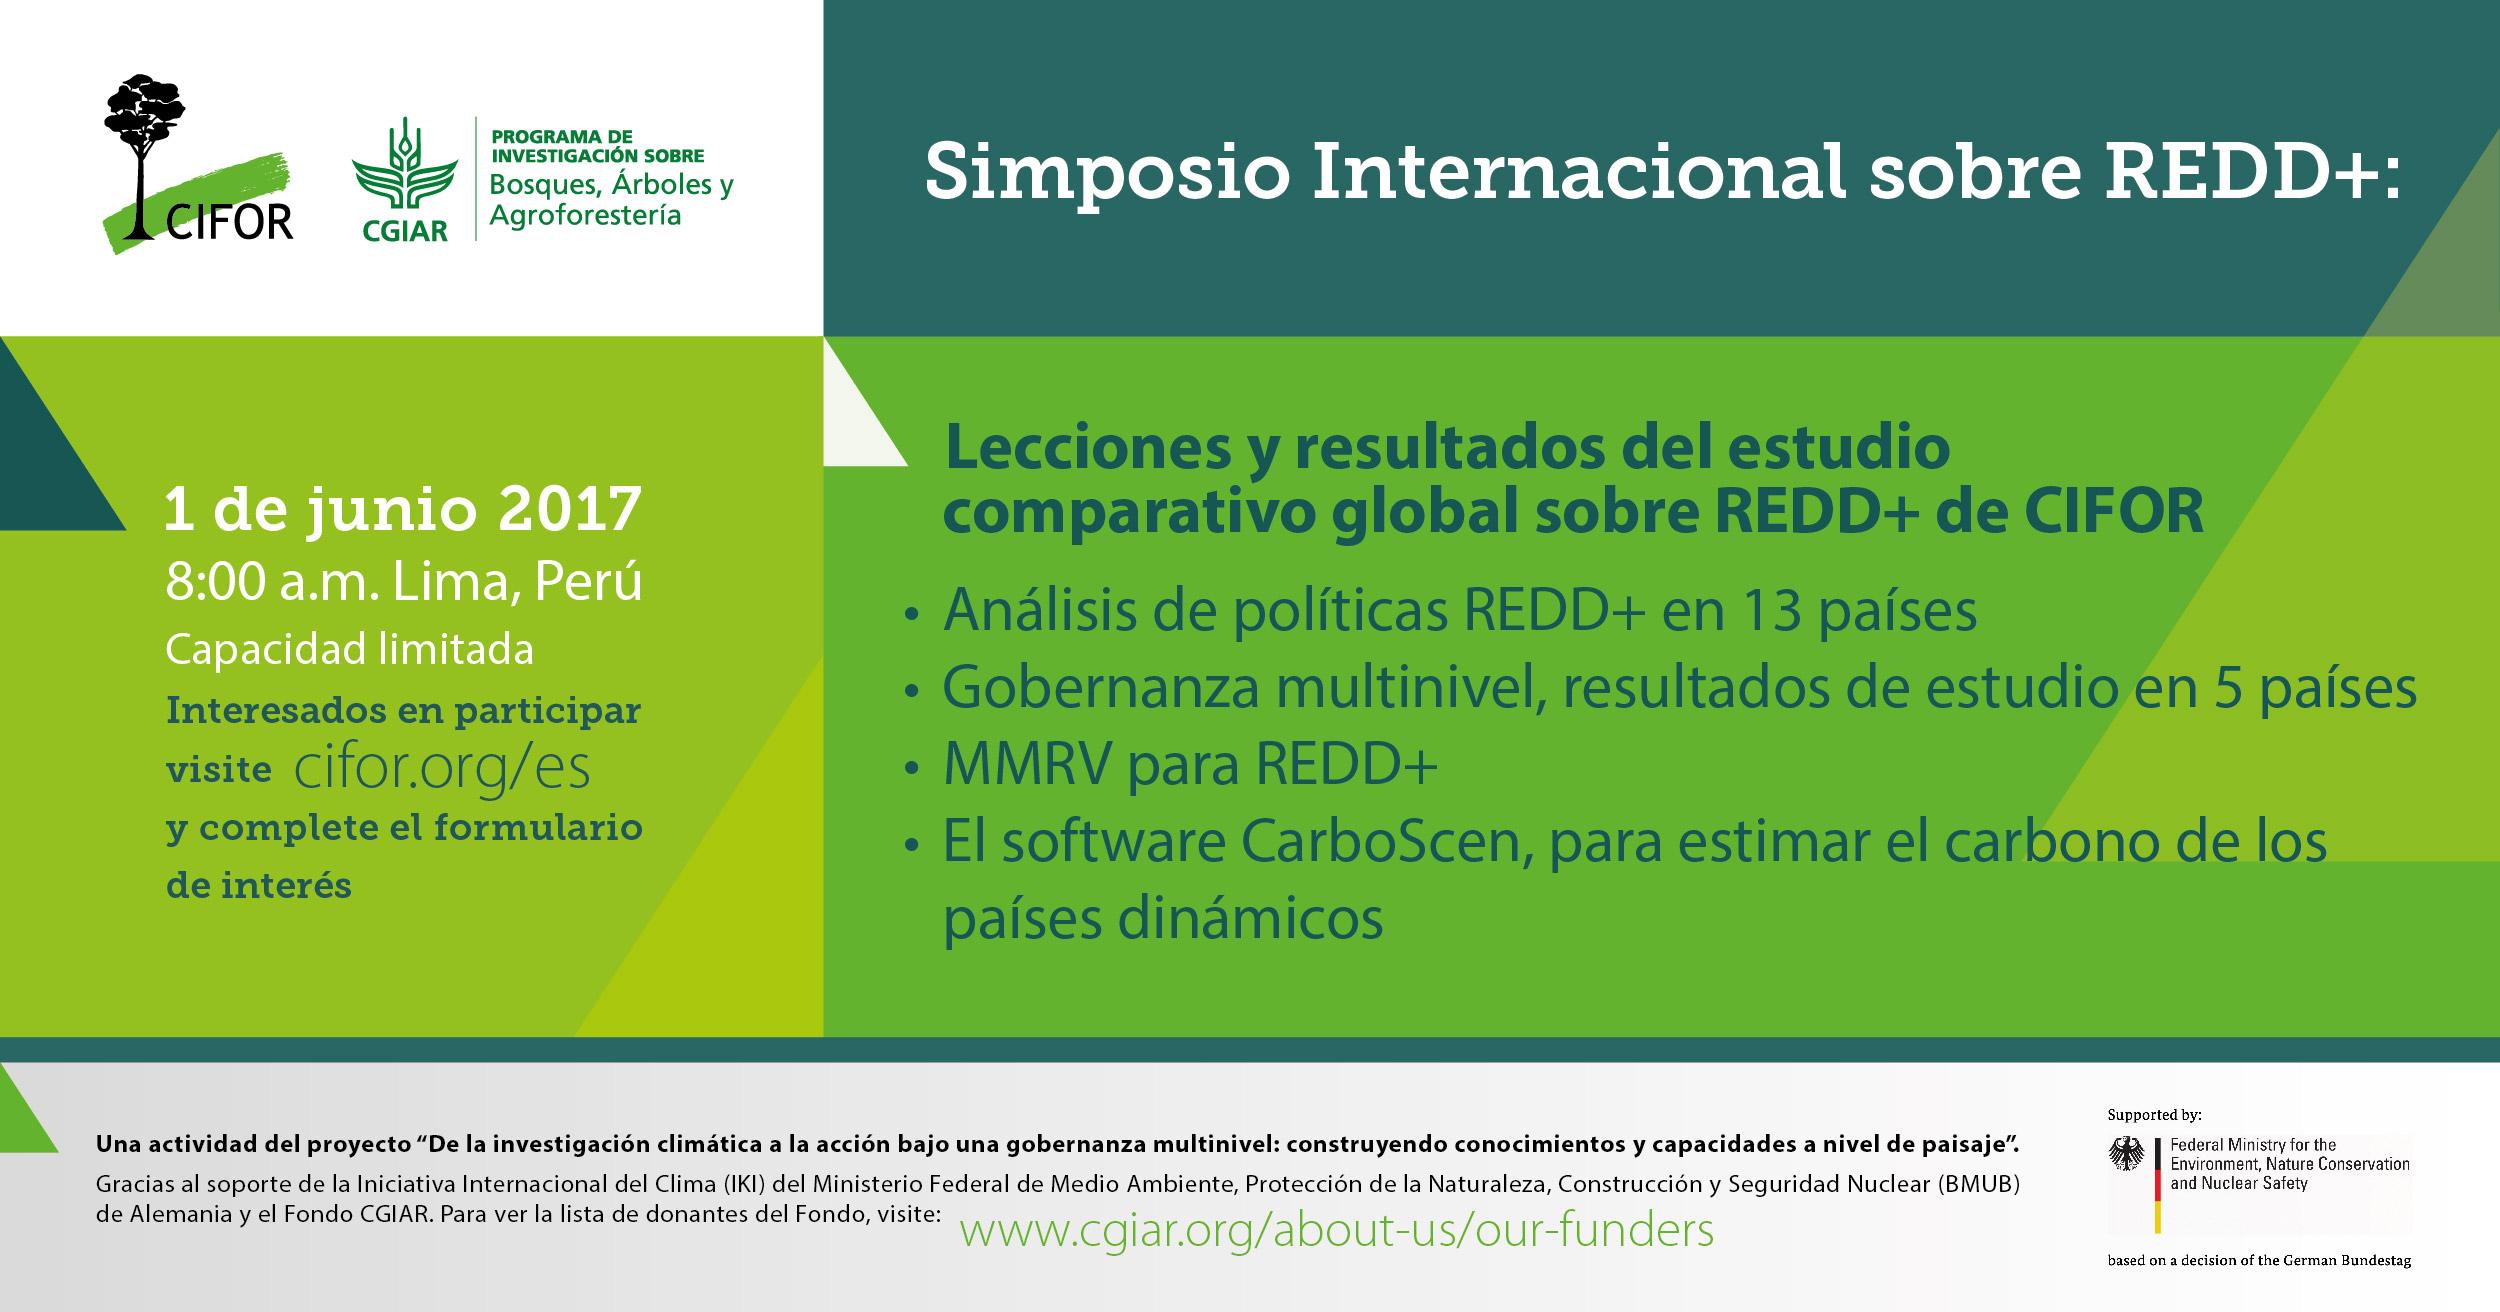 Participe del Simposio Internacional sobre REDD+ de CIFOR en Lima, Perú